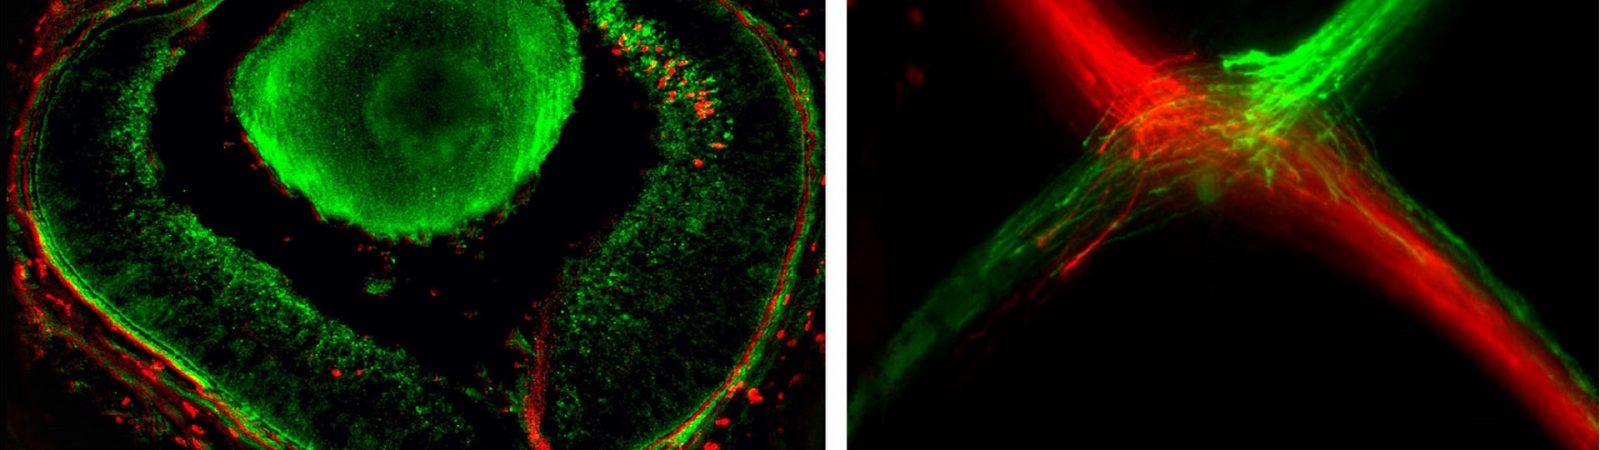 La proteína Zic2 actúa como un interruptor que apaga el programa genético que permite a los axones pasar al otro hemisferio cerebral